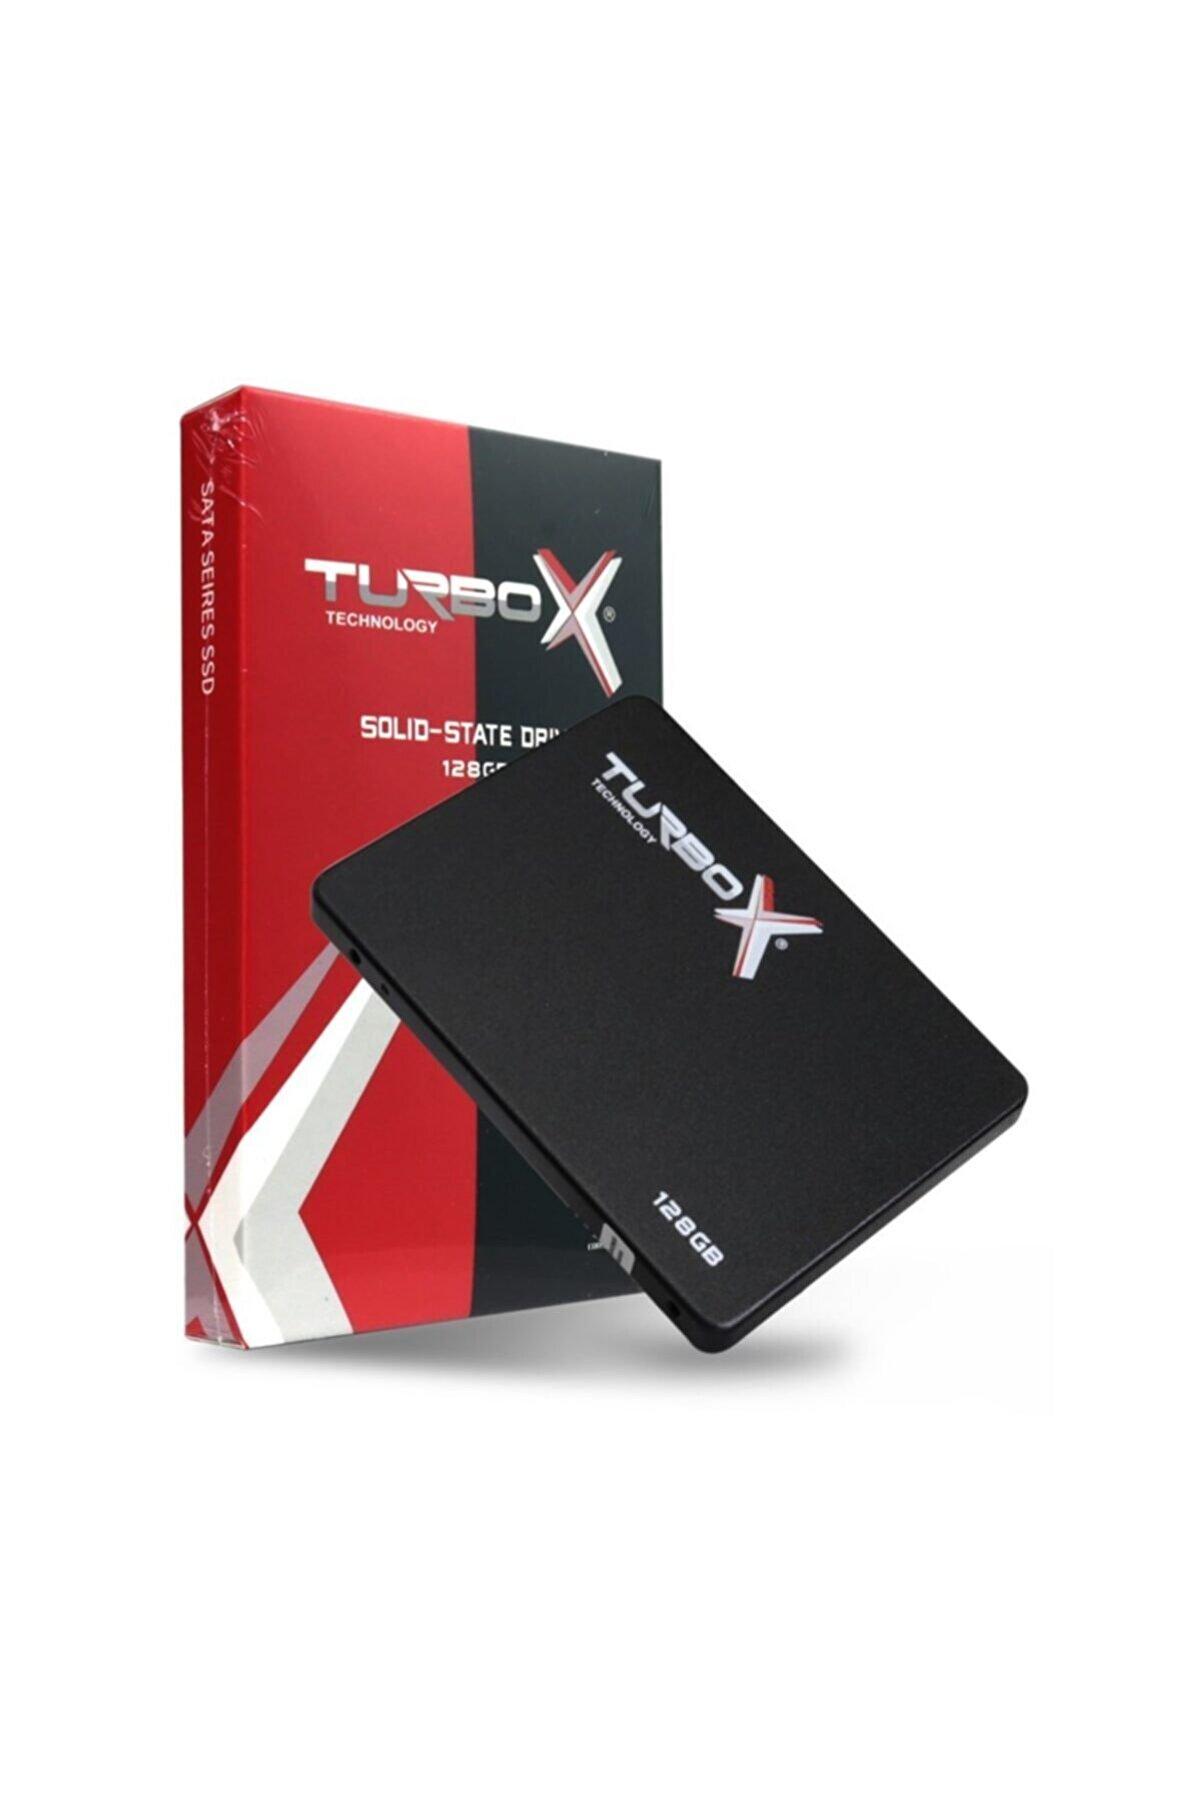 TURBOX RaceTrap R KTA320 Sata3 520/400Mbs 2.5'' 128GB SSD